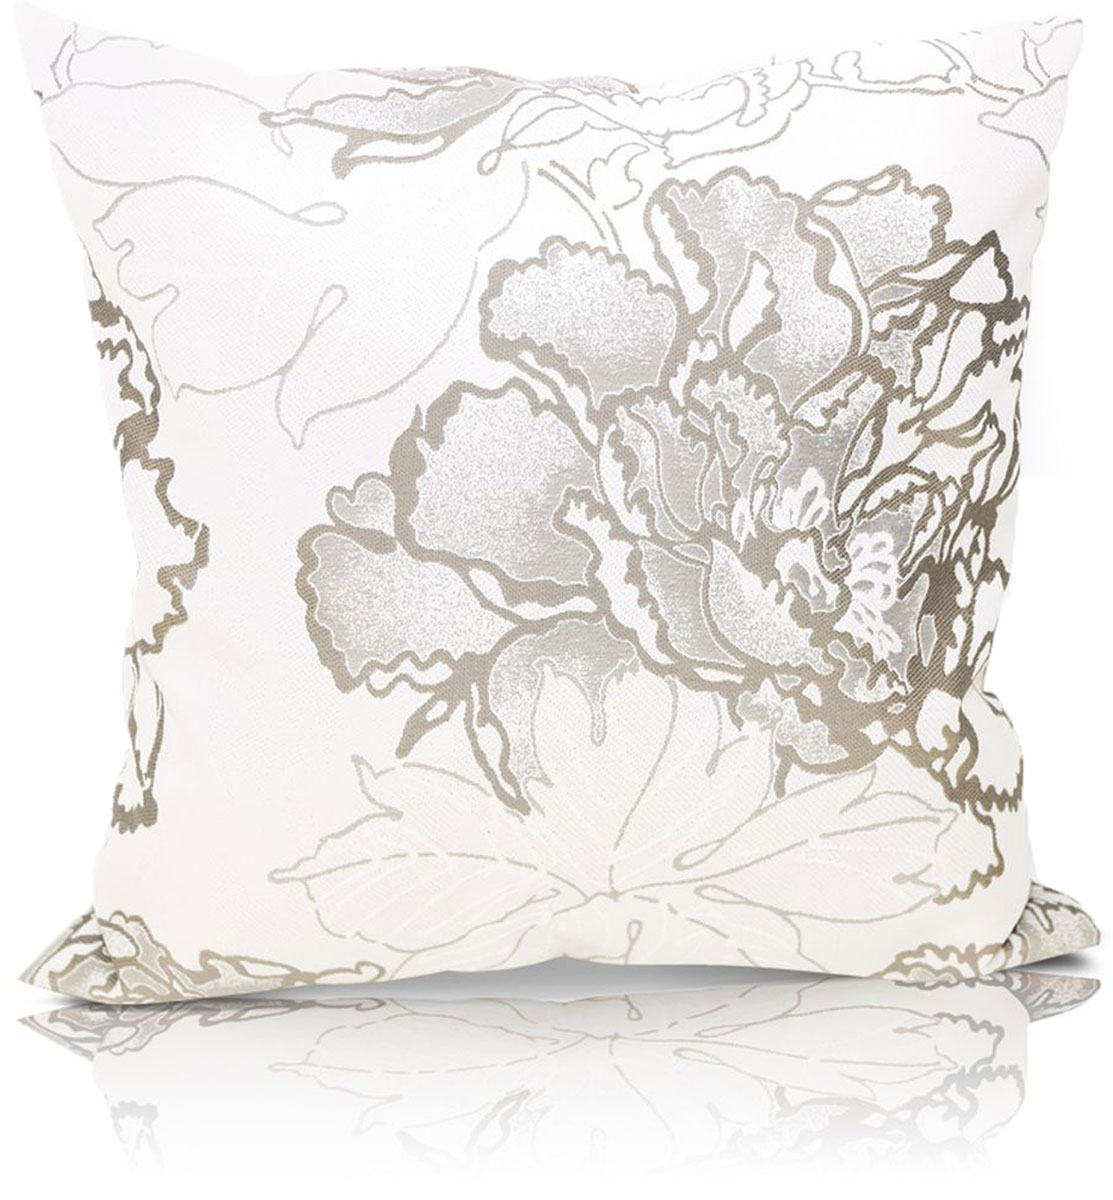 Подушка декоративная KauffOrt Рапсодия, цвет: бежевый, серый, 40 x 40 см подушка декоративная kauffort мауритани цвет бежевый 40 x 40 см